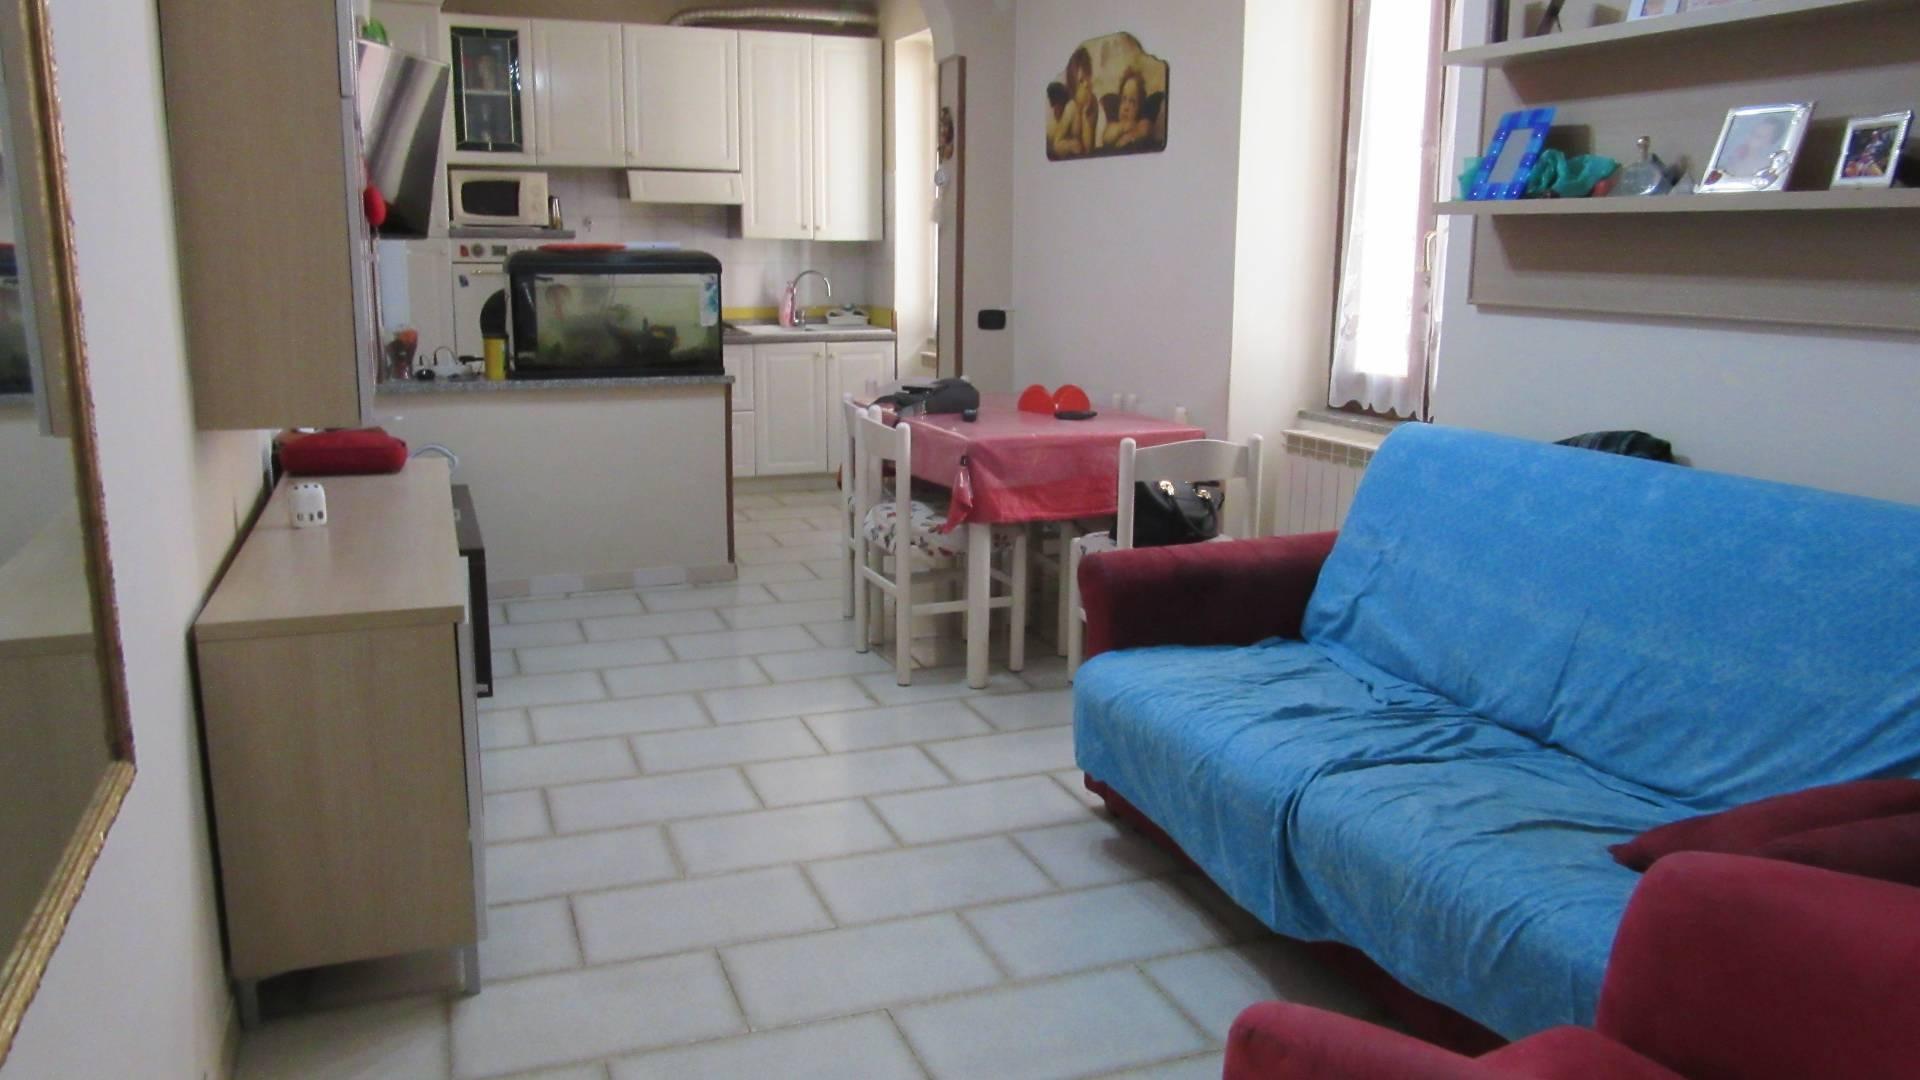 Villa in vendita a Villa Carcina, 3 locali, zona Zona: Cailina, prezzo € 91.000 | CambioCasa.it